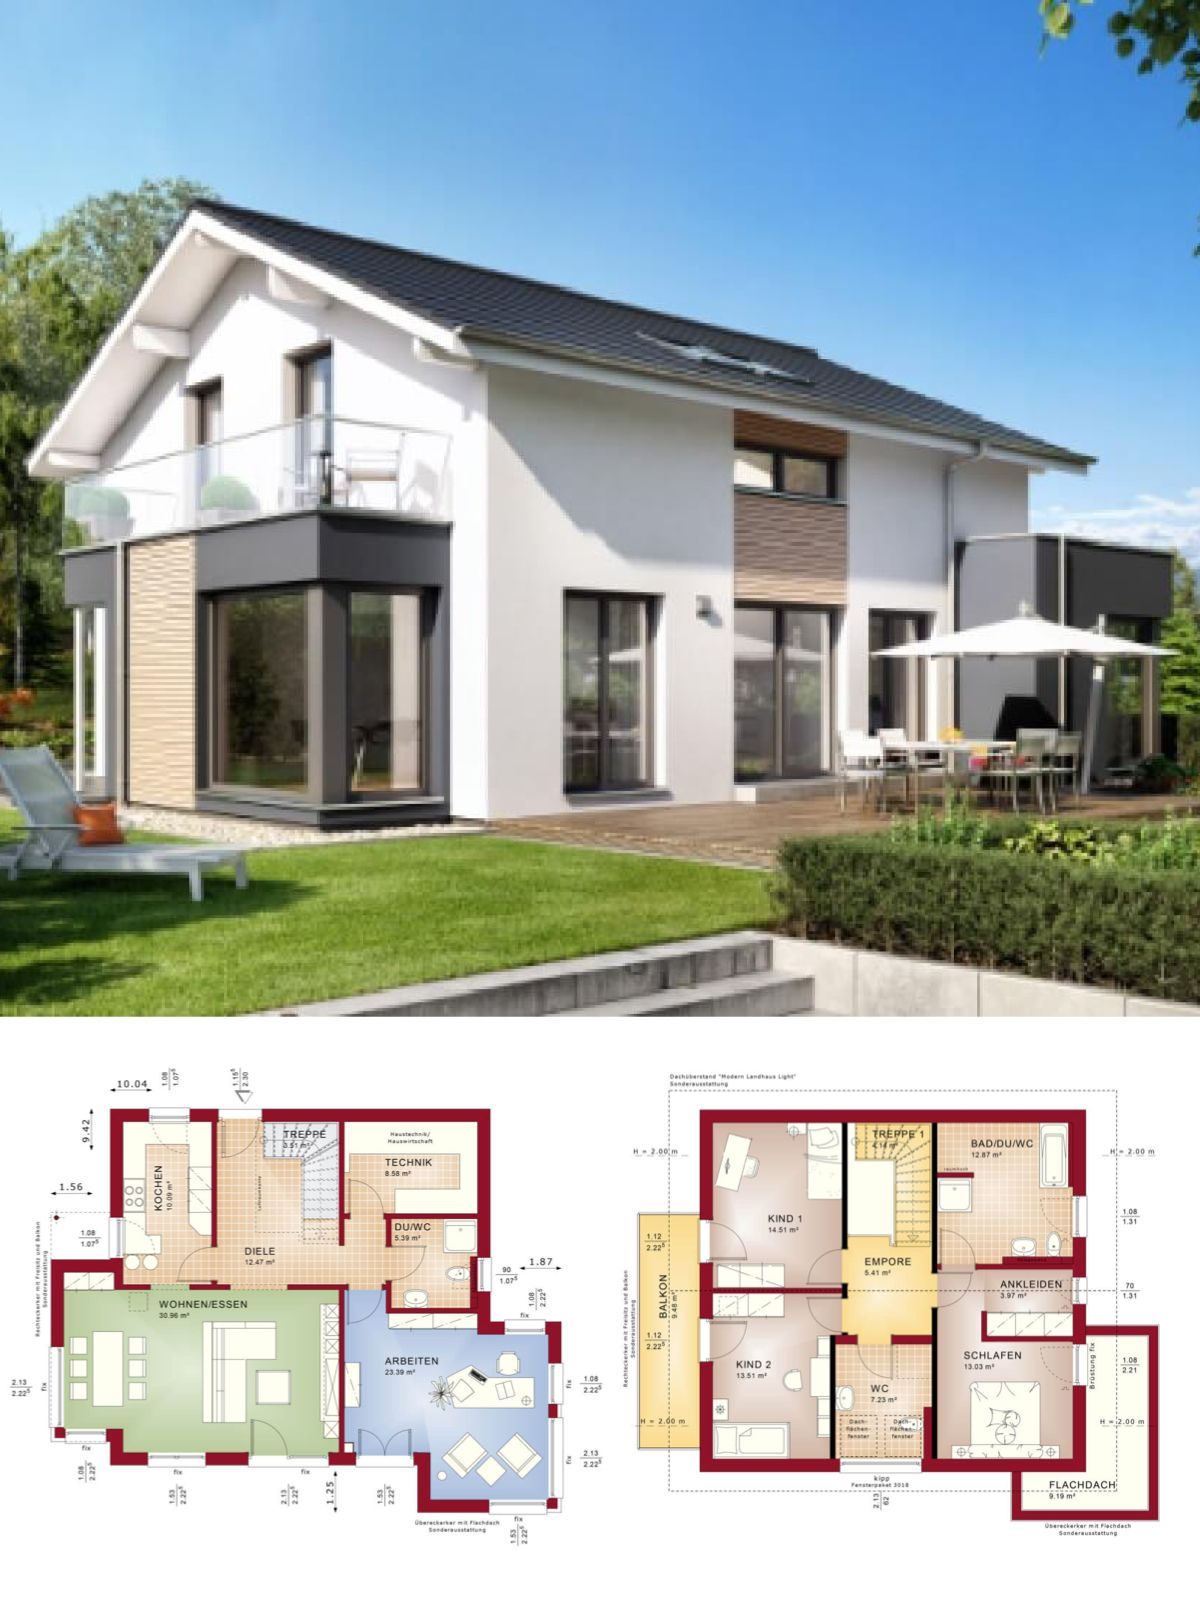 Satteldach Modern Neubau Haus Bauen Modelle Haus Planen